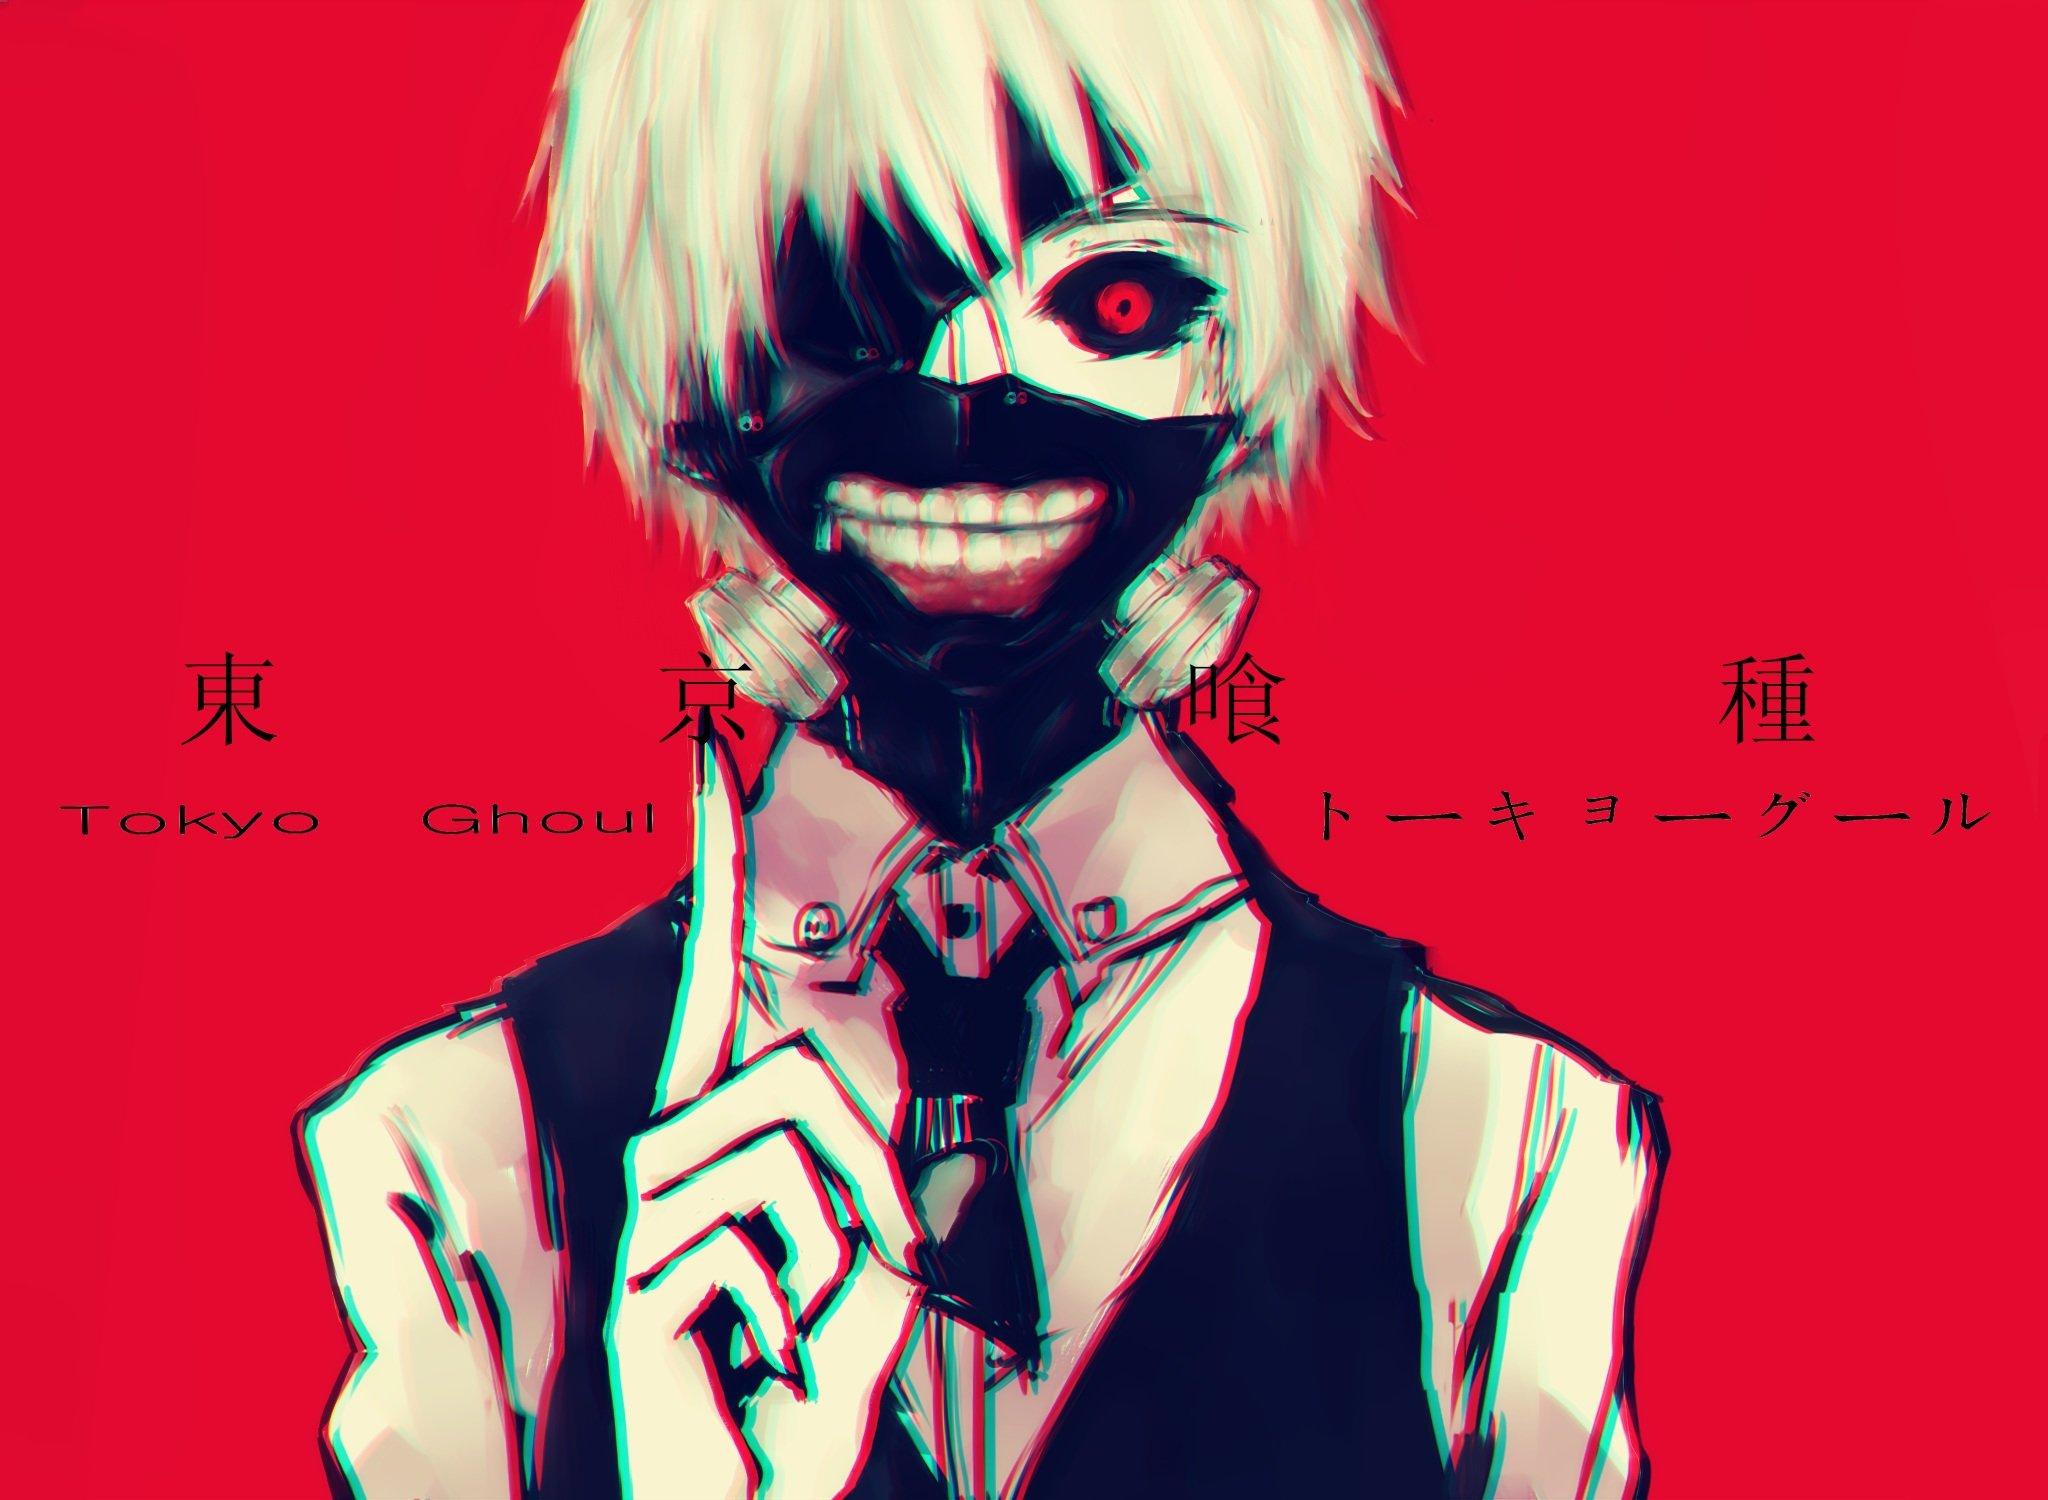 Tokyo Ghoul Ken Kaneki Wallpaper: Kaneki Ken Mask Red Sanlucha Tokyo Ghoul Wallpaper